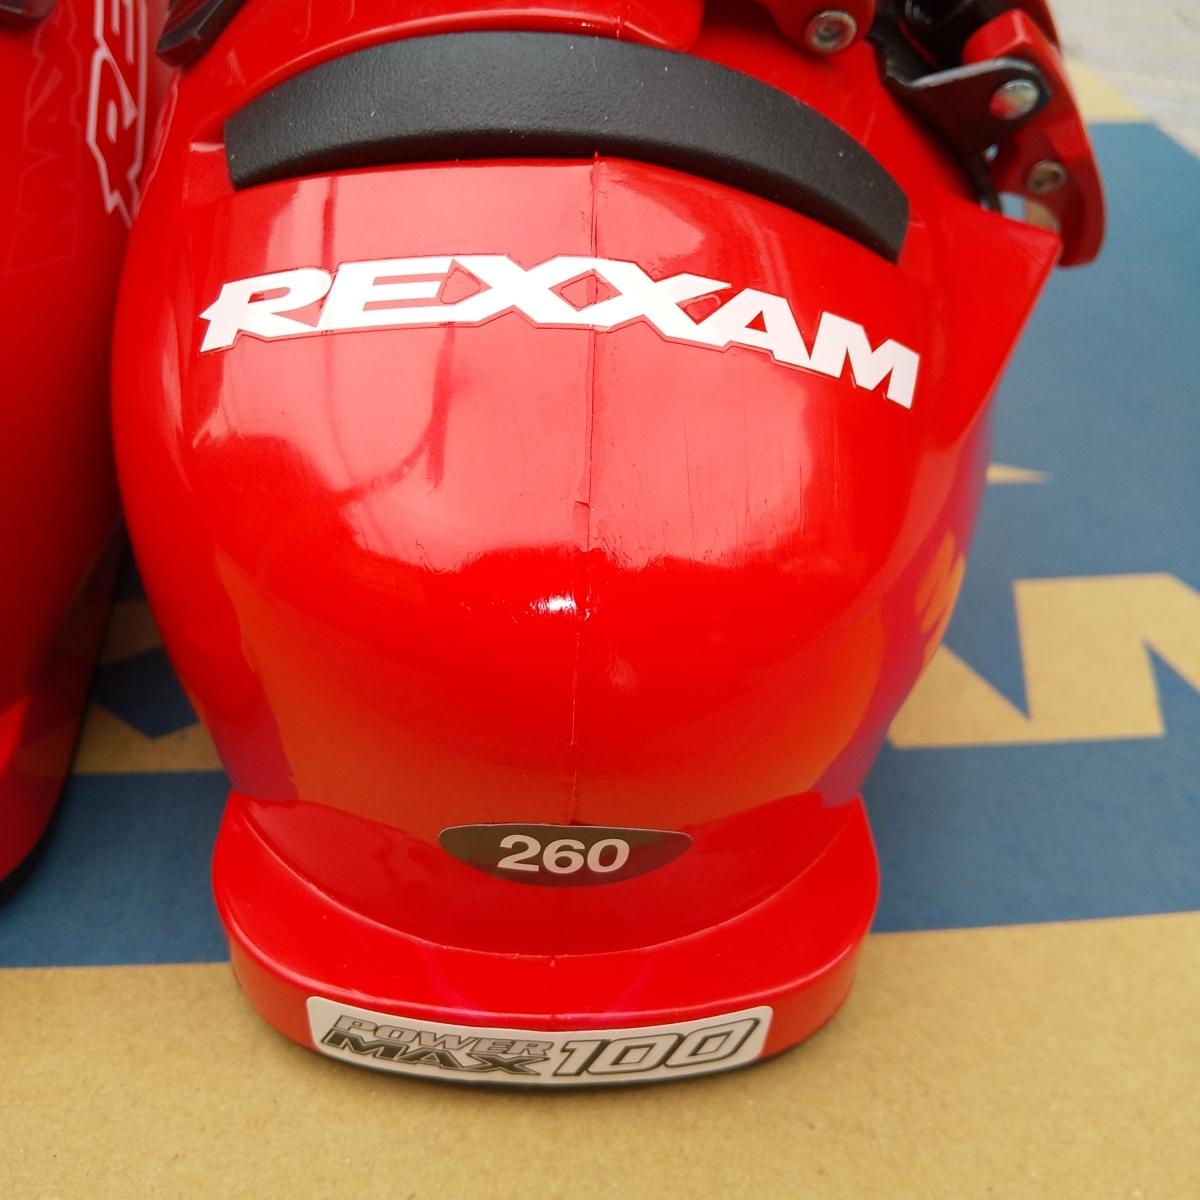 REXXAM Power MAX-100 26.0cm 26.5cm レクザム レグザム スキーブーツ_画像5